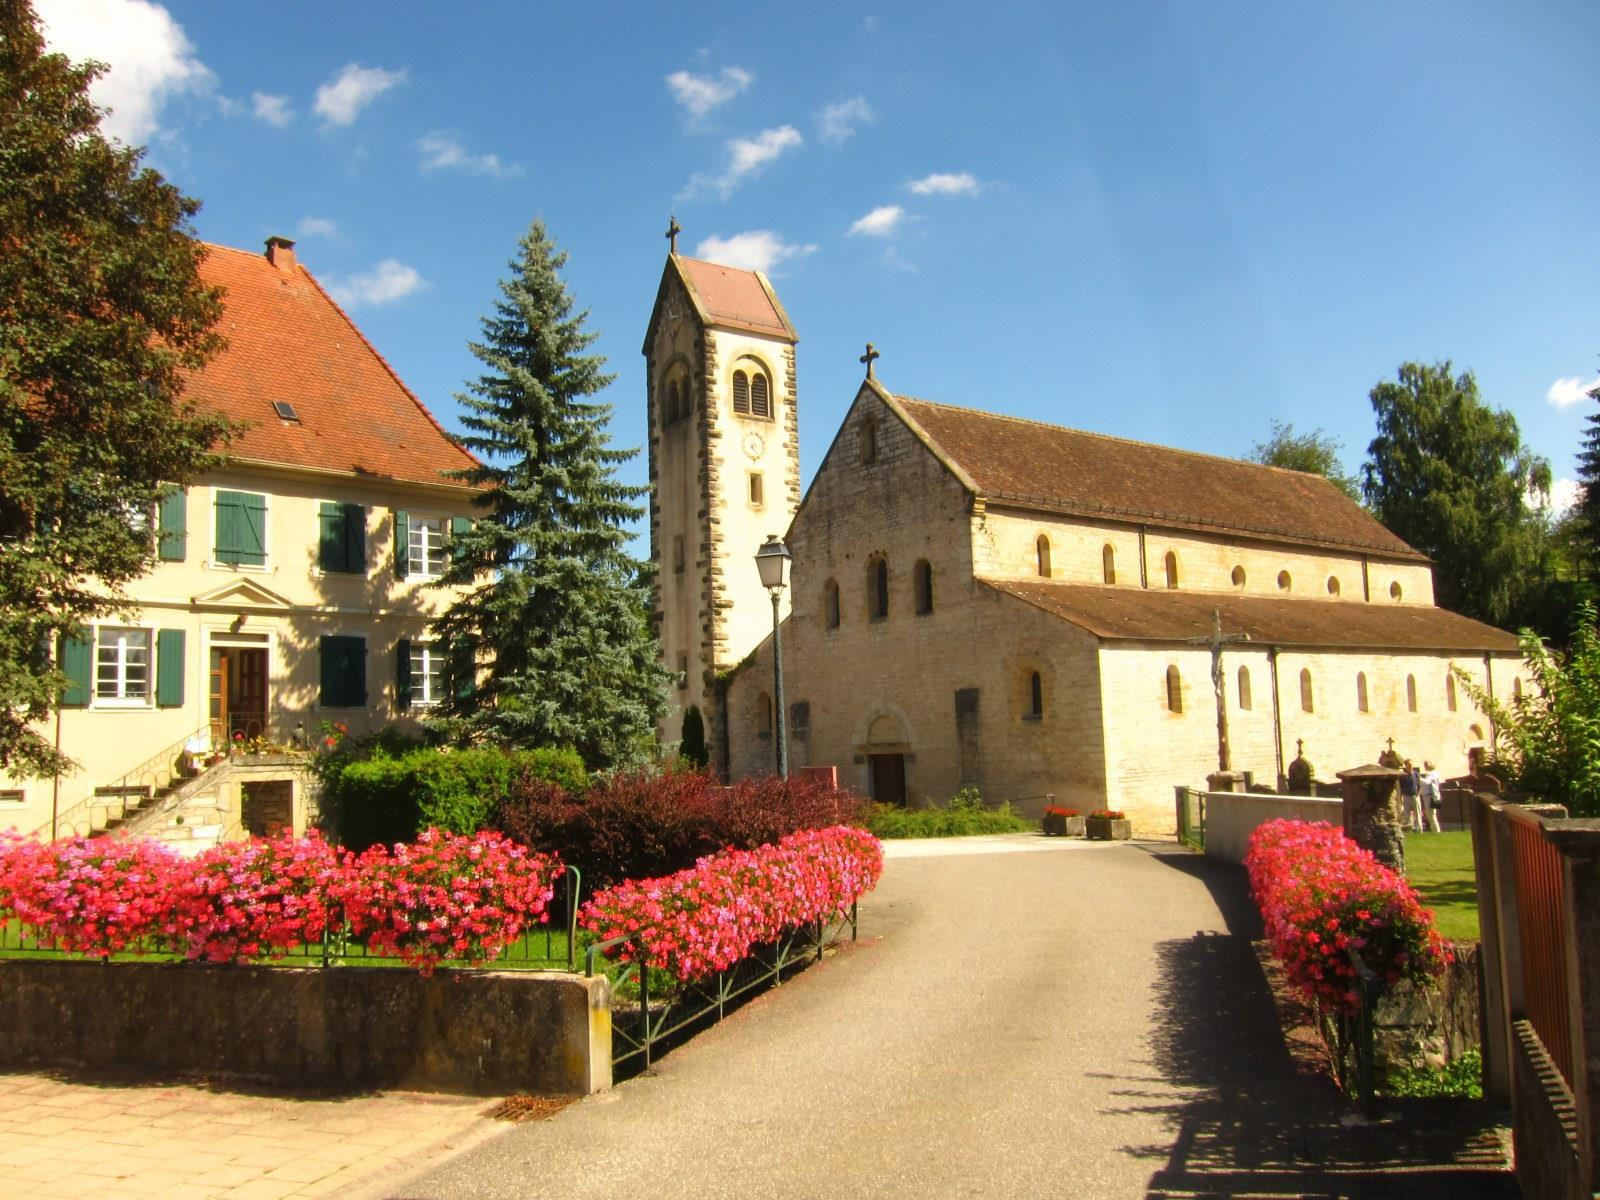 Randonnée pédestre Riespach Feldbach